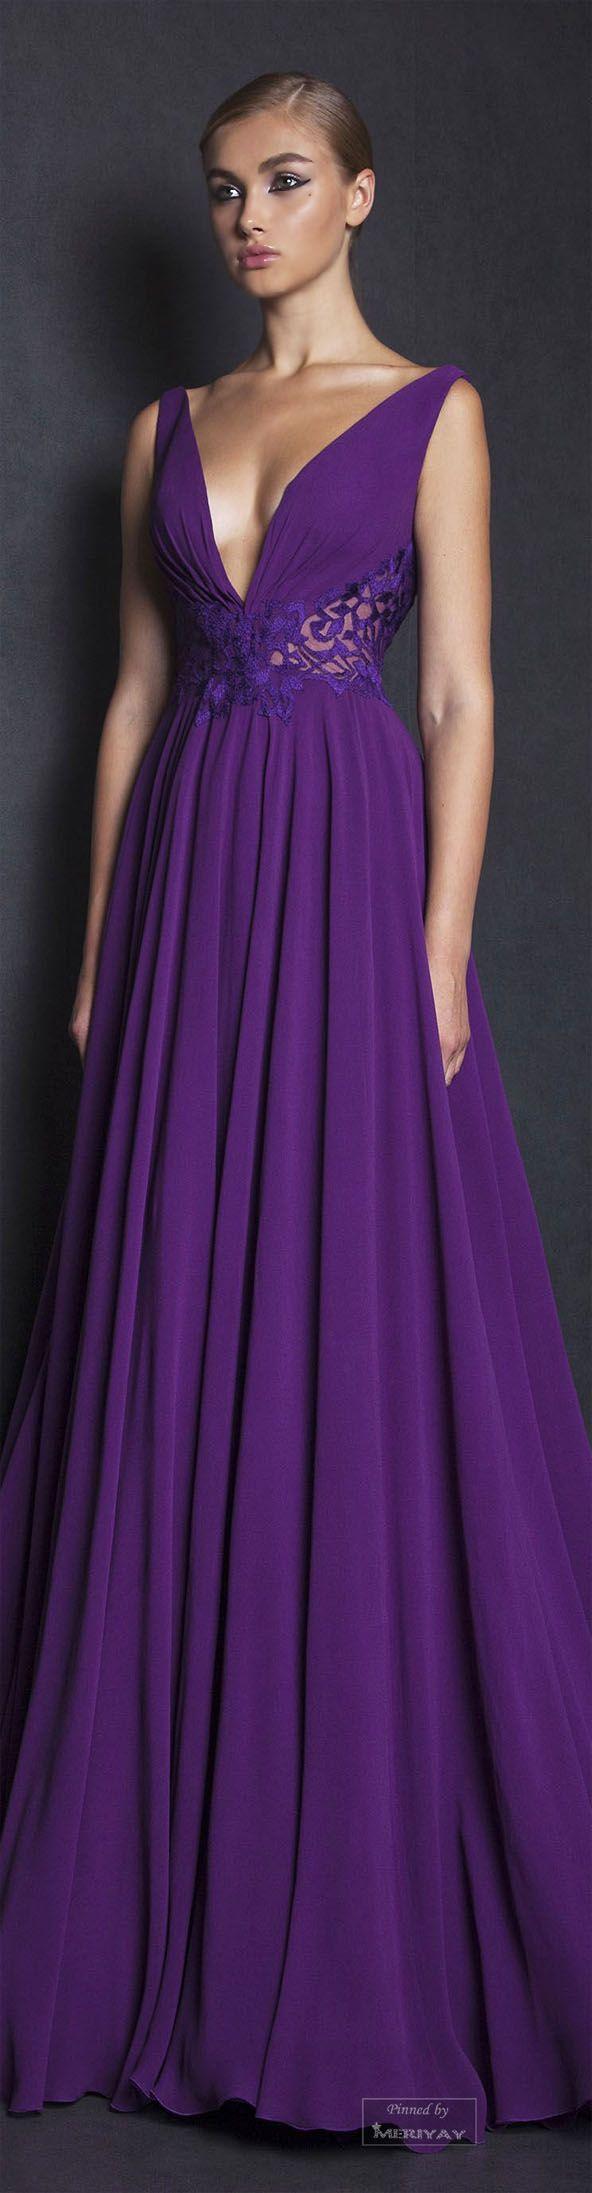 Colores secundarios (violeta) | vestidos y outfits | Pinterest ...